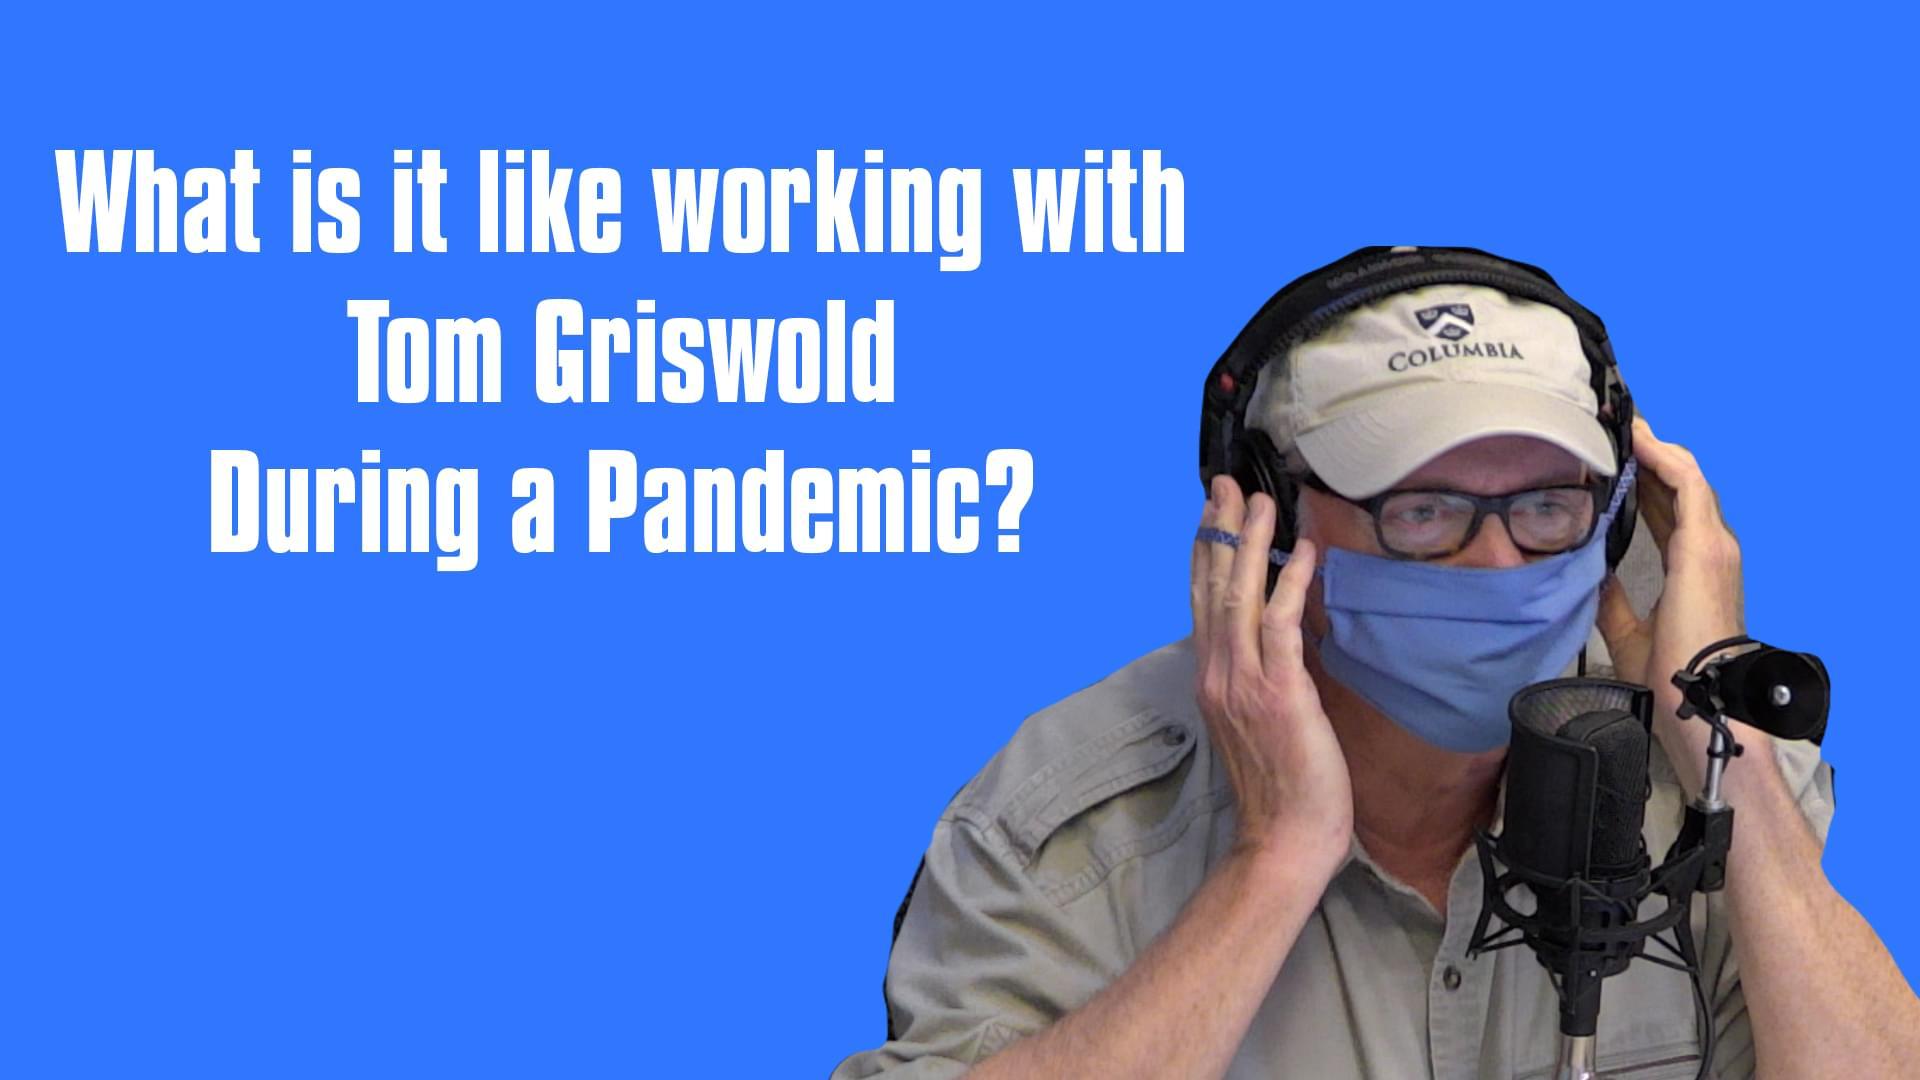 Pandemic Tom